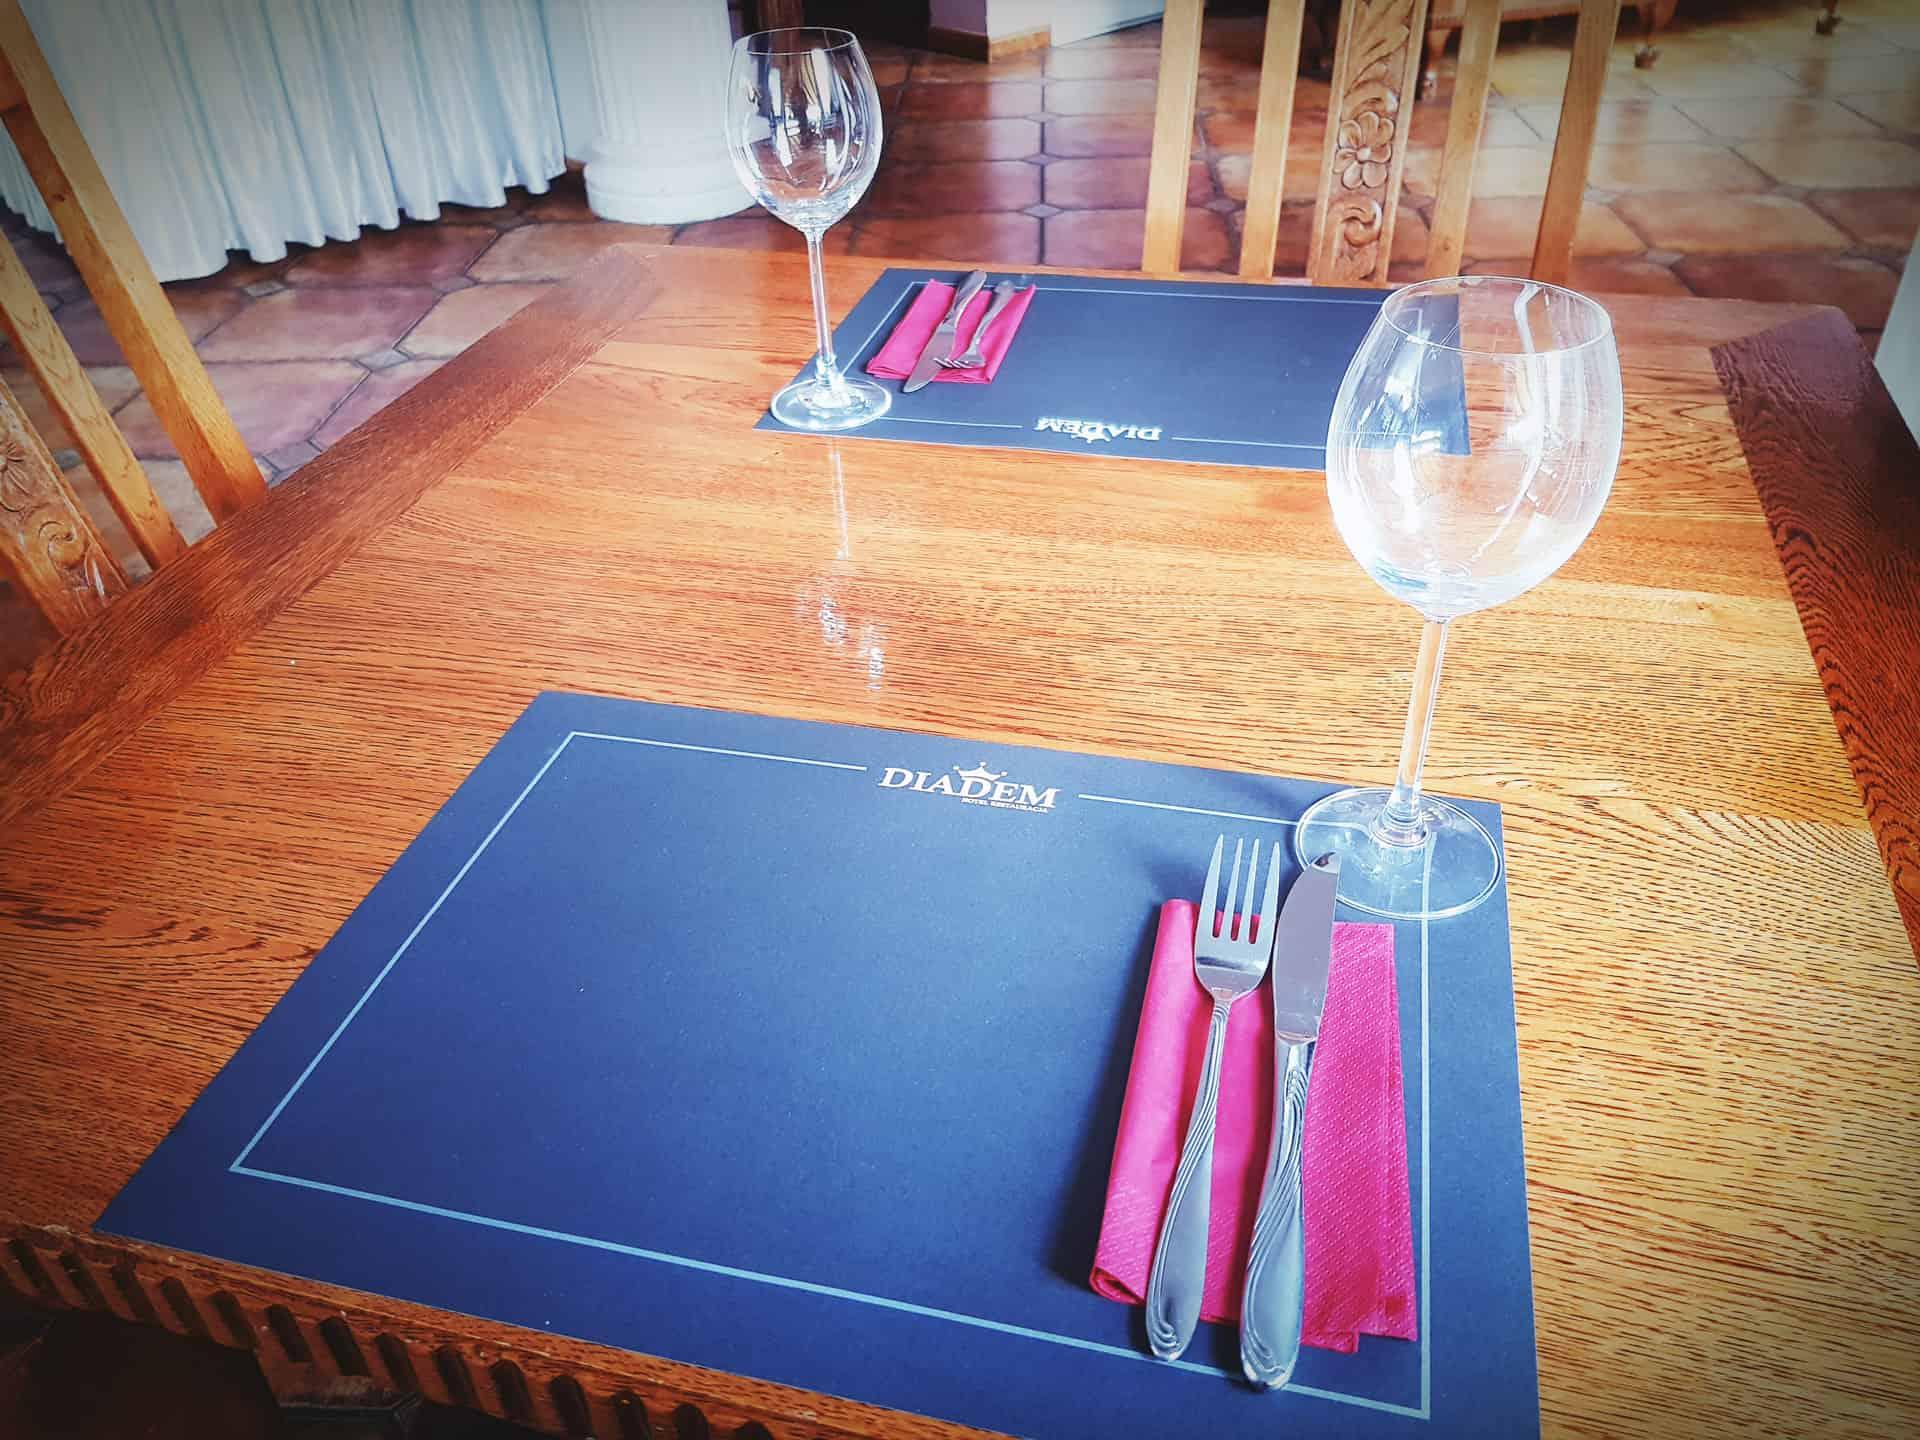 podkładki na stół dla restauracji Diadem